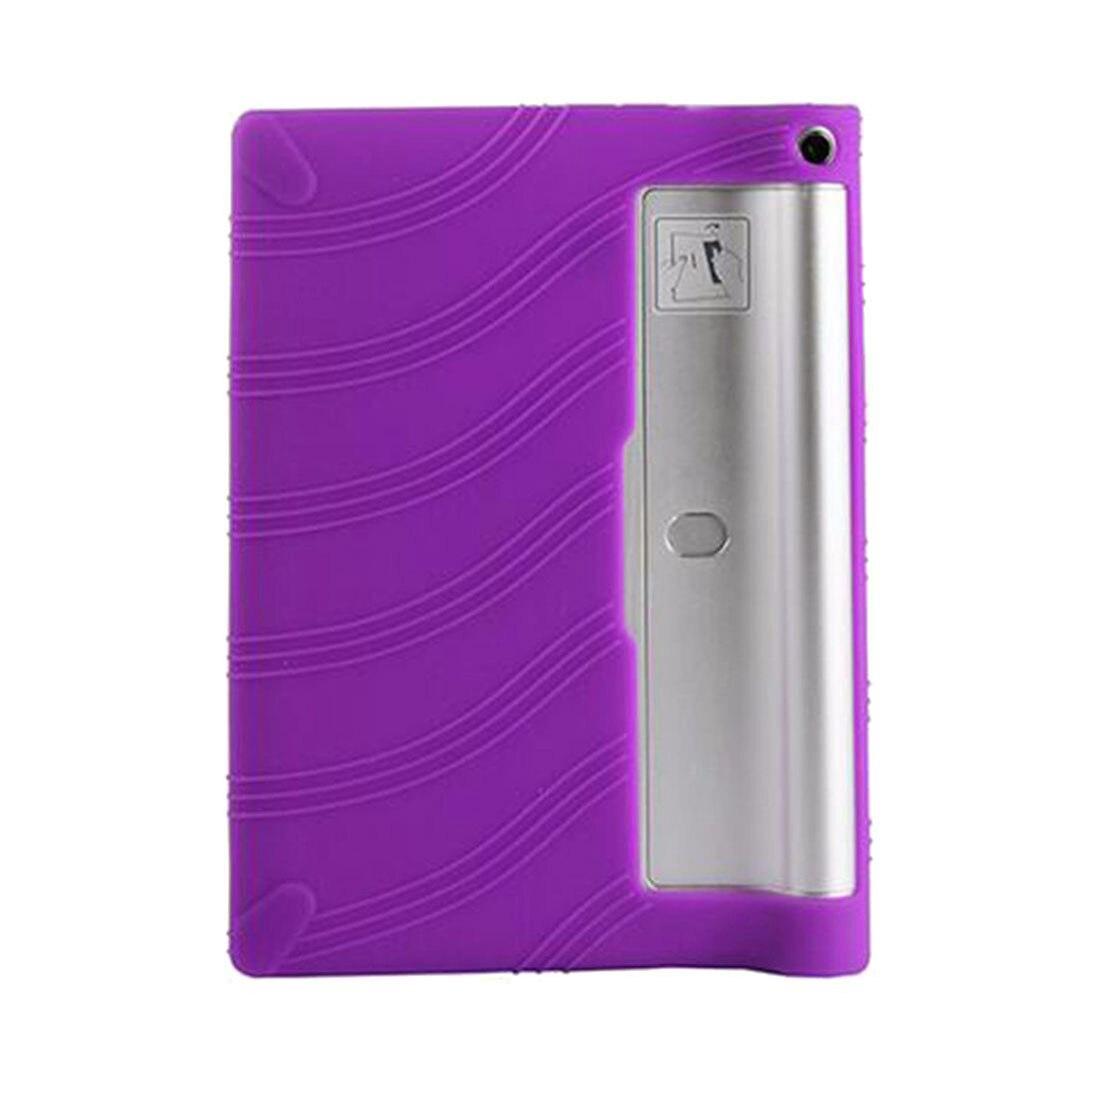 Galleria fotografica TPU Silicone Gel Rubber Case Cover For 10.1'' inch Lenovo Yoga Tablet 2 1050F PURPLE